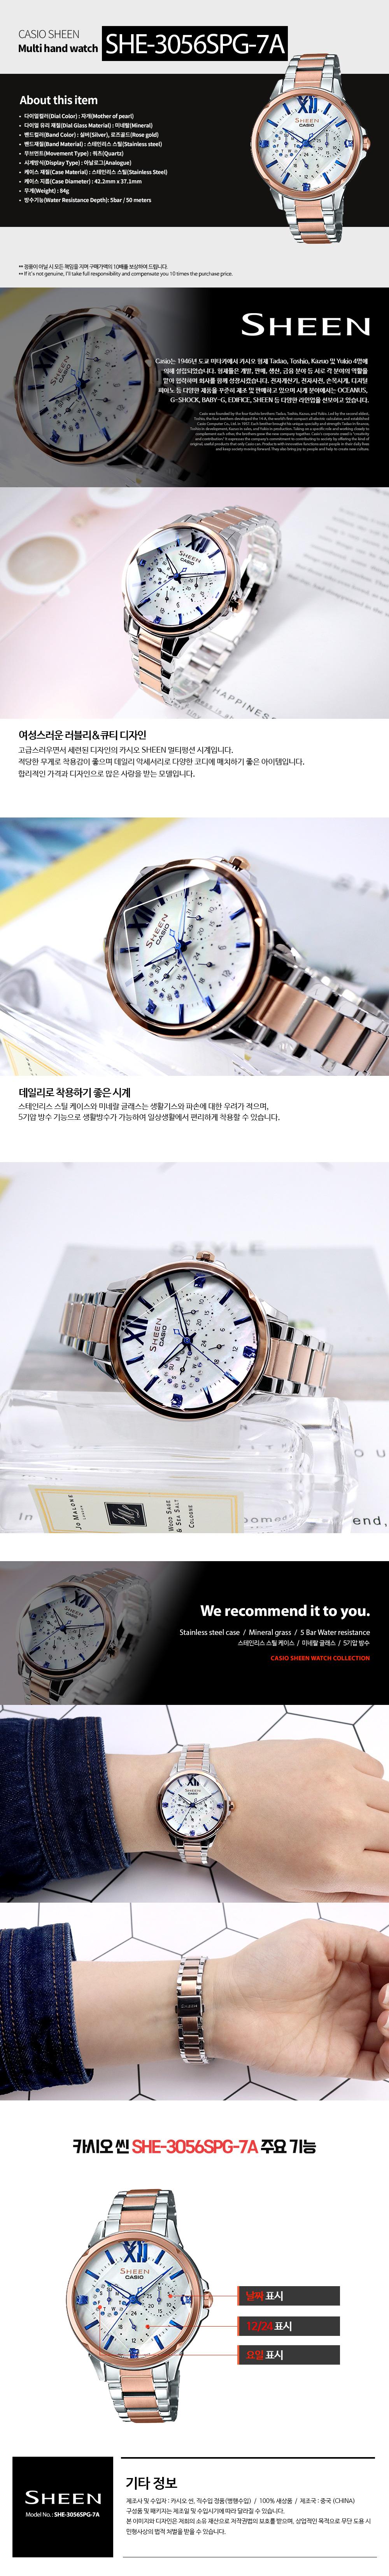 카시오(CASIO) SHE-3056SPG-7A 여성 투톤 메탈밴드 시계